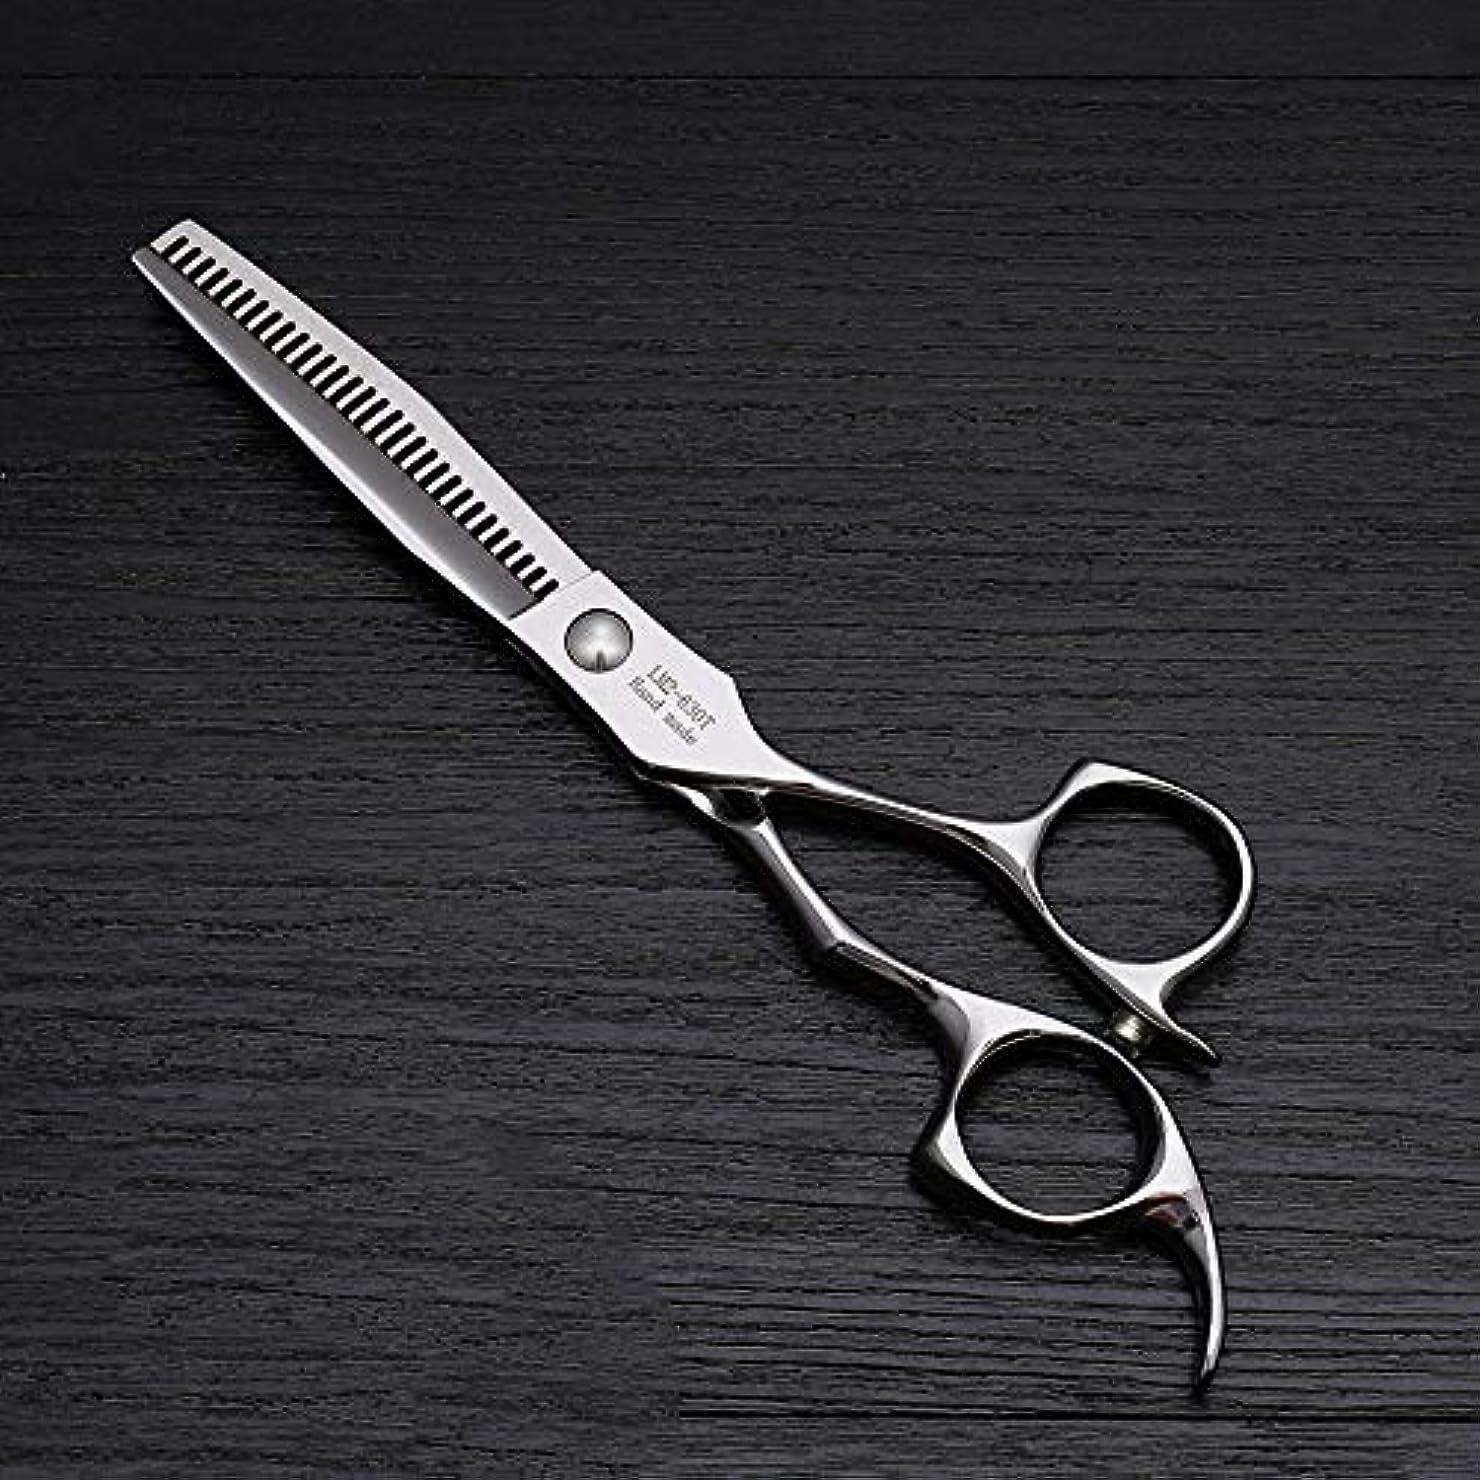 名目上の原子特別な理髪用はさみ 6インチのステンレス鋼の理髪はさみ、美容院の毛の切断用具の薄くなるはさみの毛の切断はさみのステンレス製の理髪師のはさみ (色 : Silver)